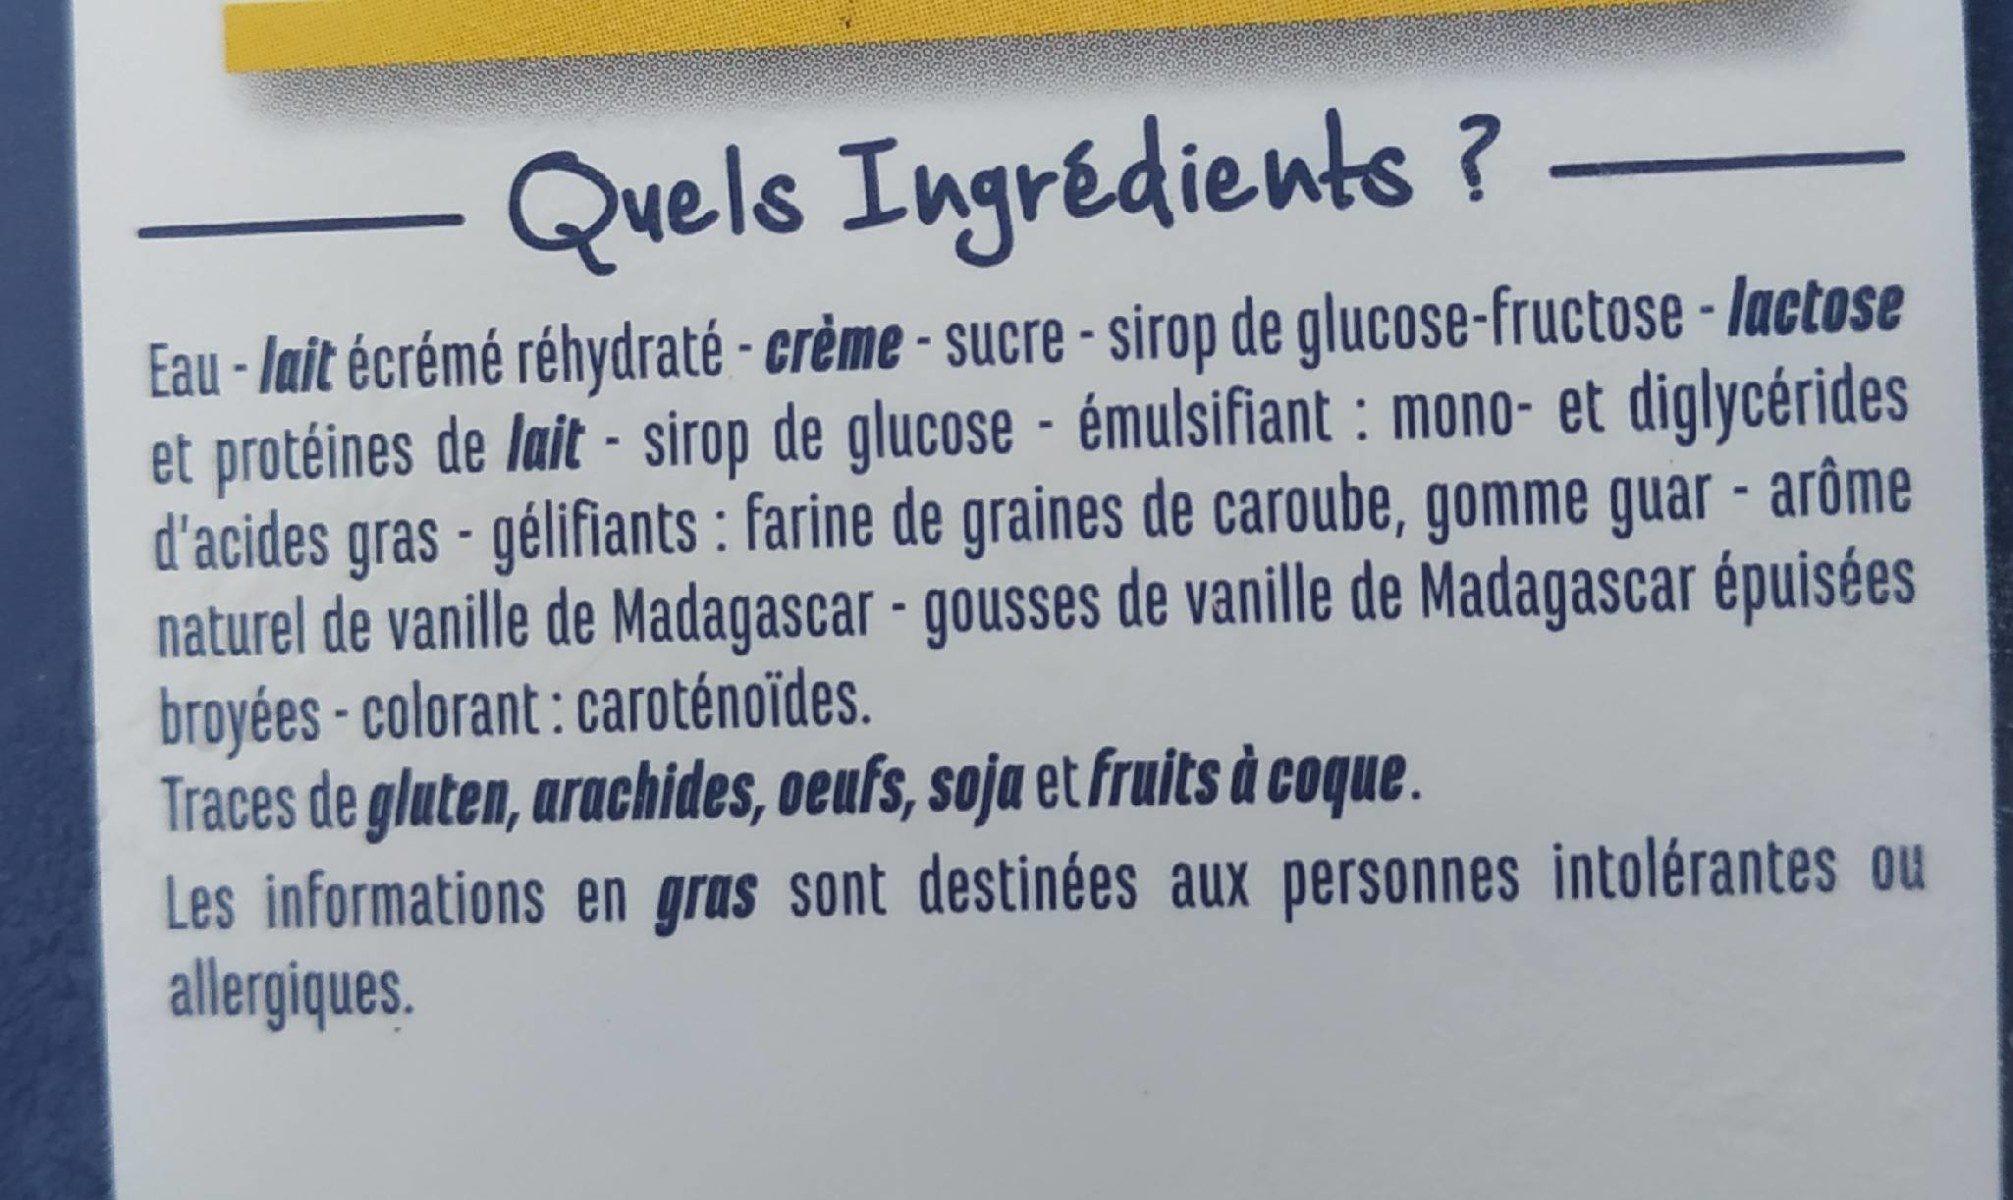 Crème glacée Vanille - A la vanille de Madagascar - Ingredients